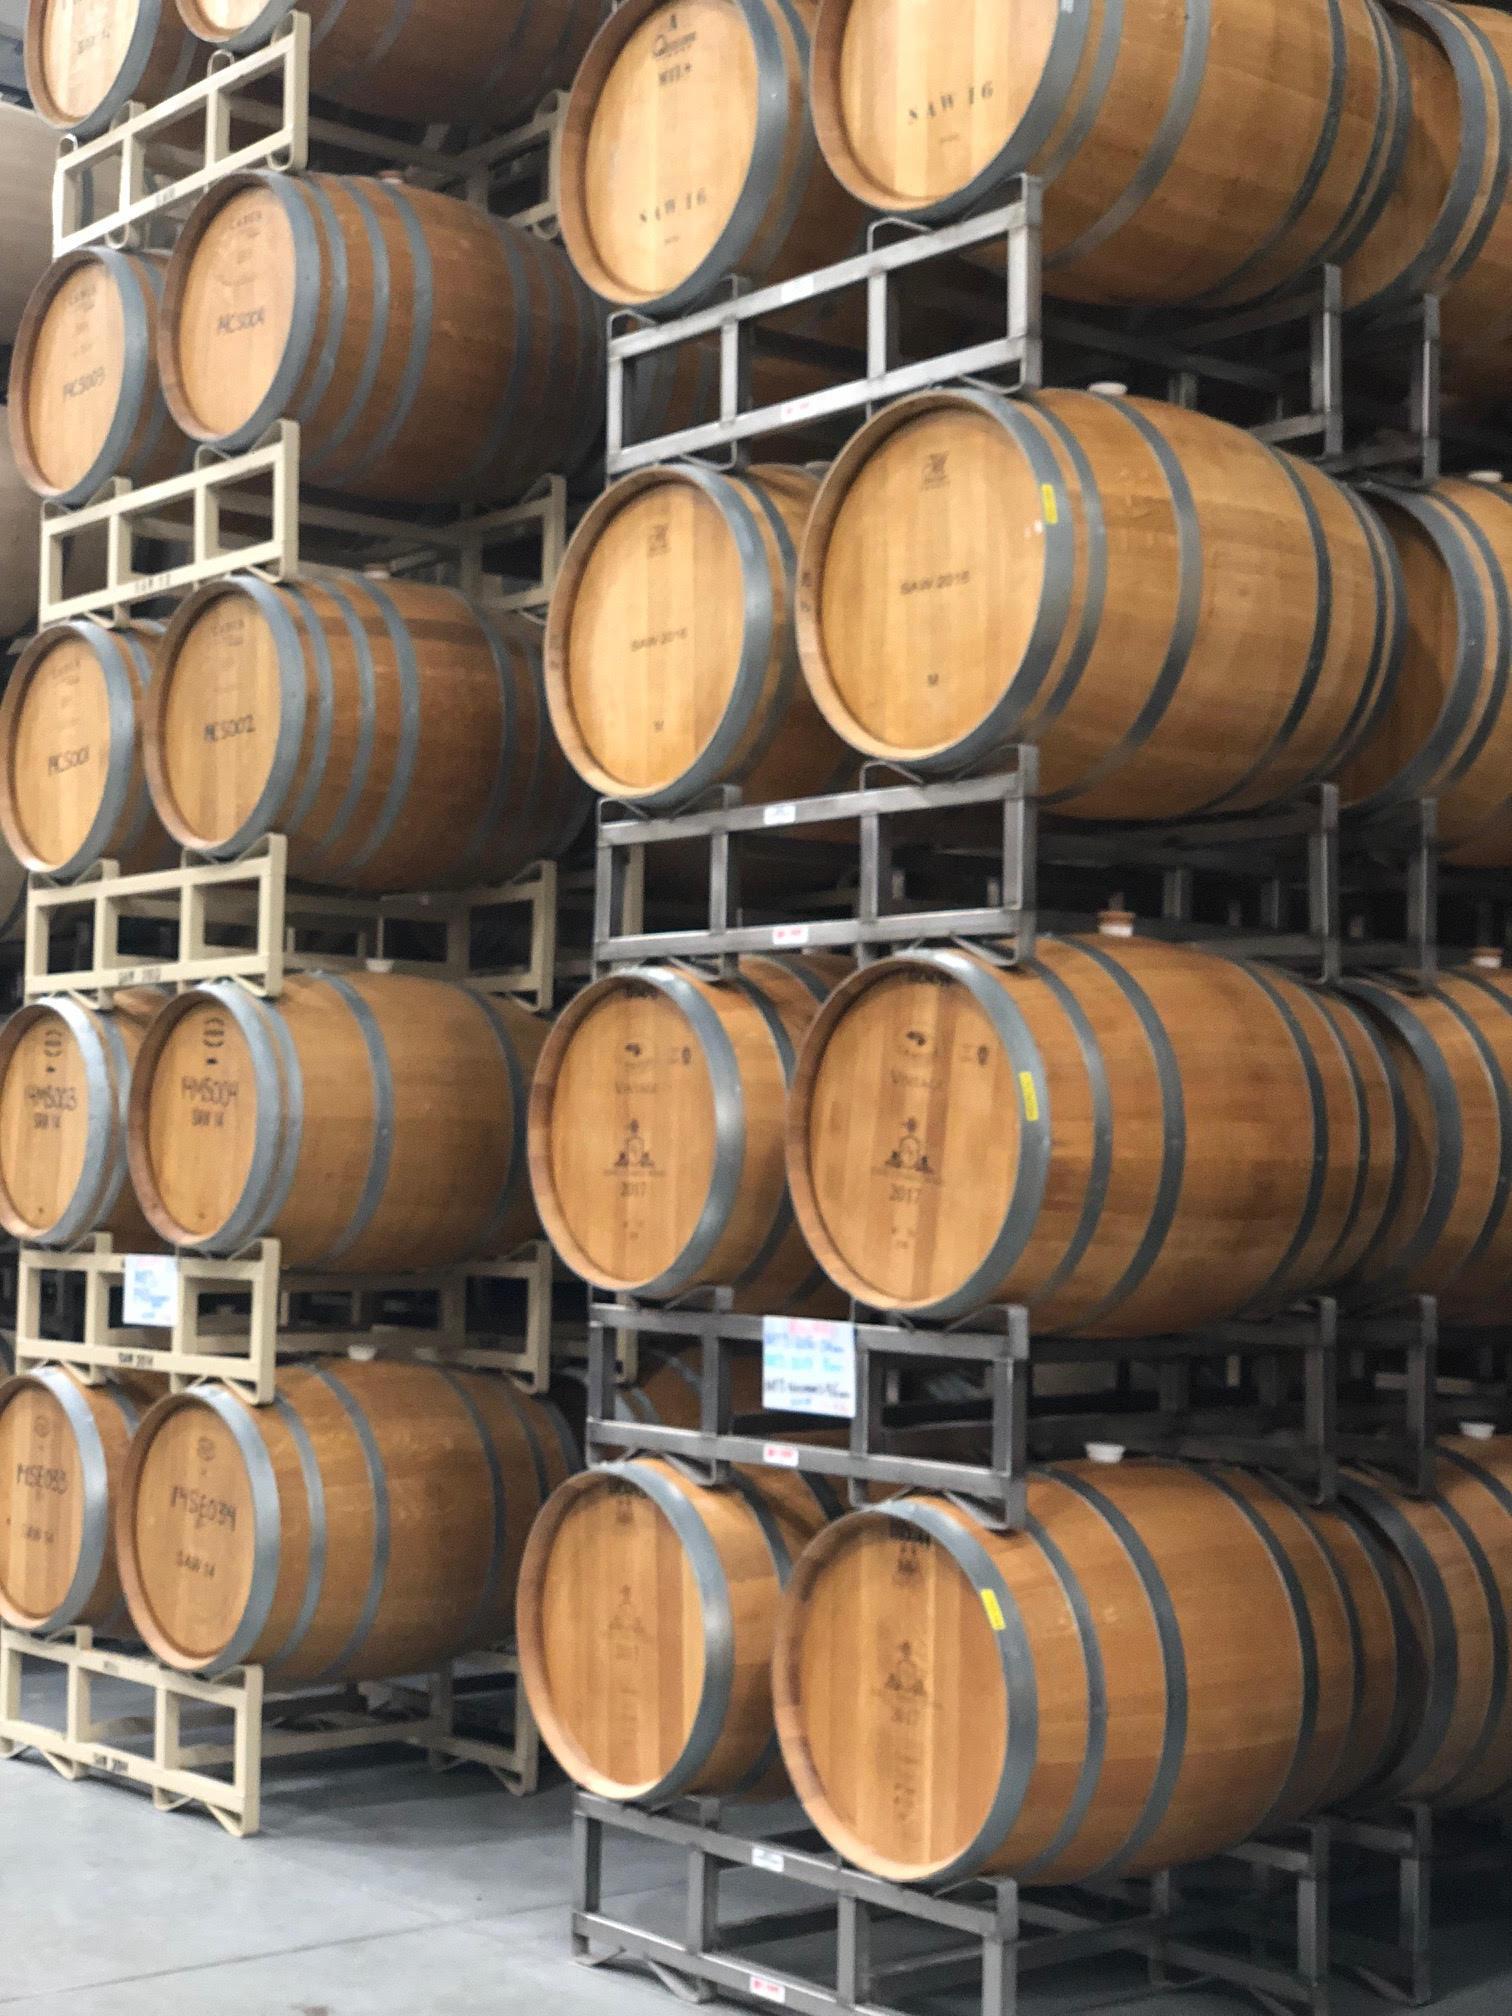 Barrels at San Antonio.jpg